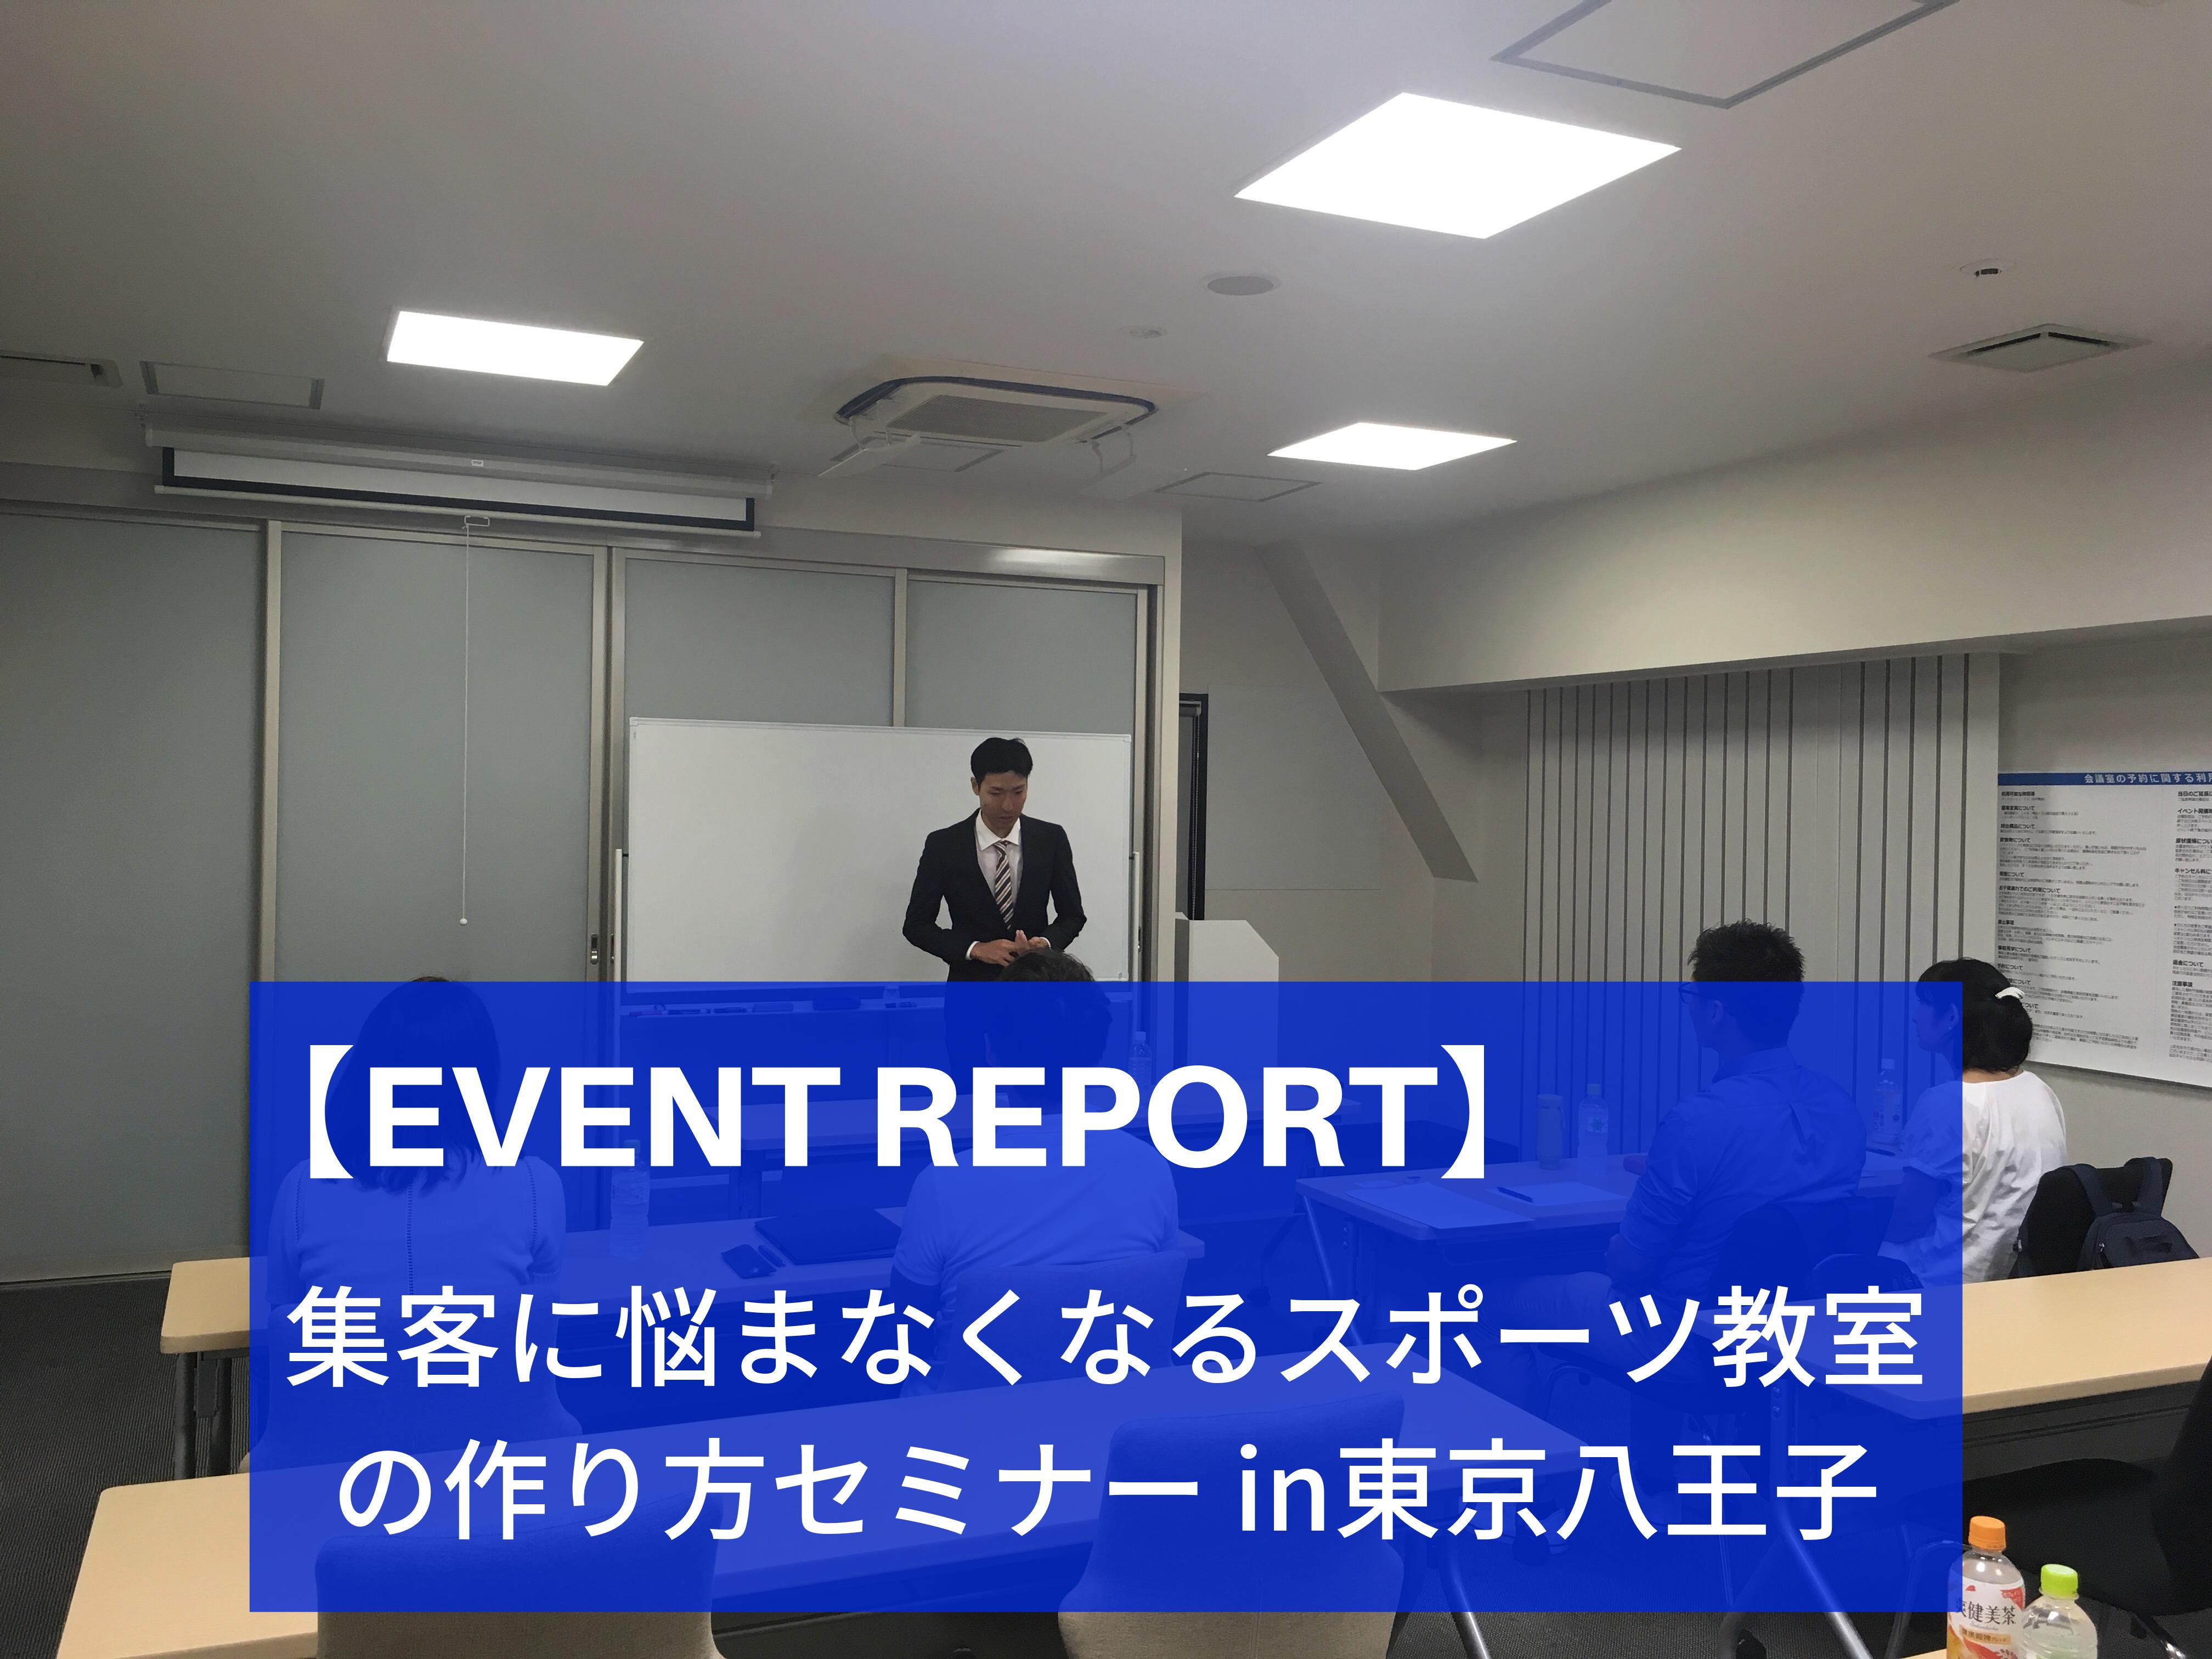 【イベントレポート】集客に悩まなくなるスポーツ教室の作り方in東京八王子開催しました!